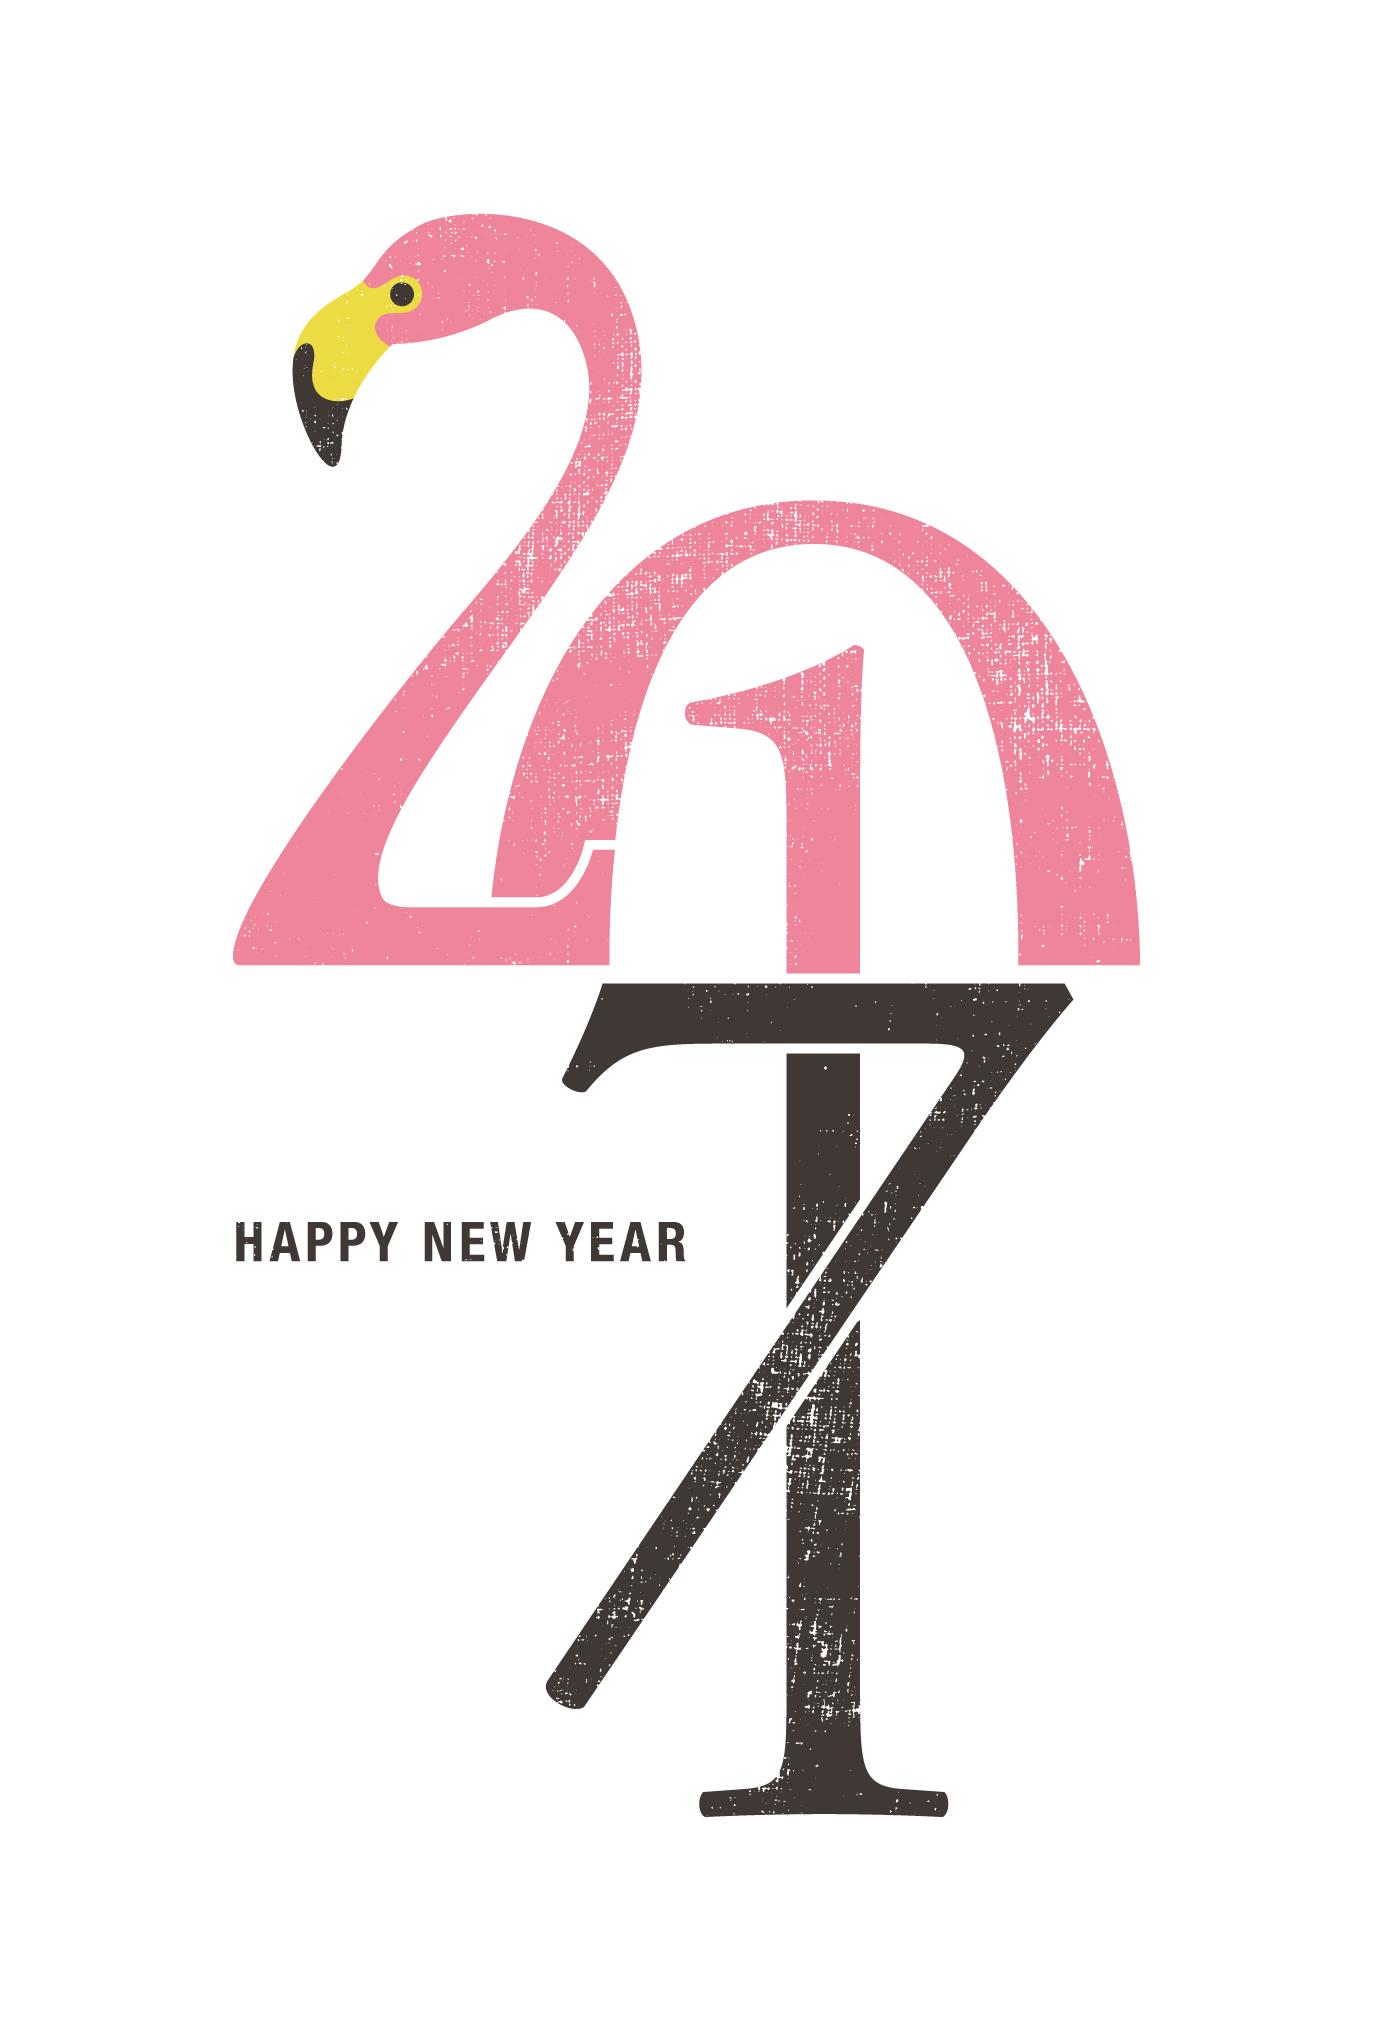 2017年賀状17-1:Flamingo 2017のダウンロード画像